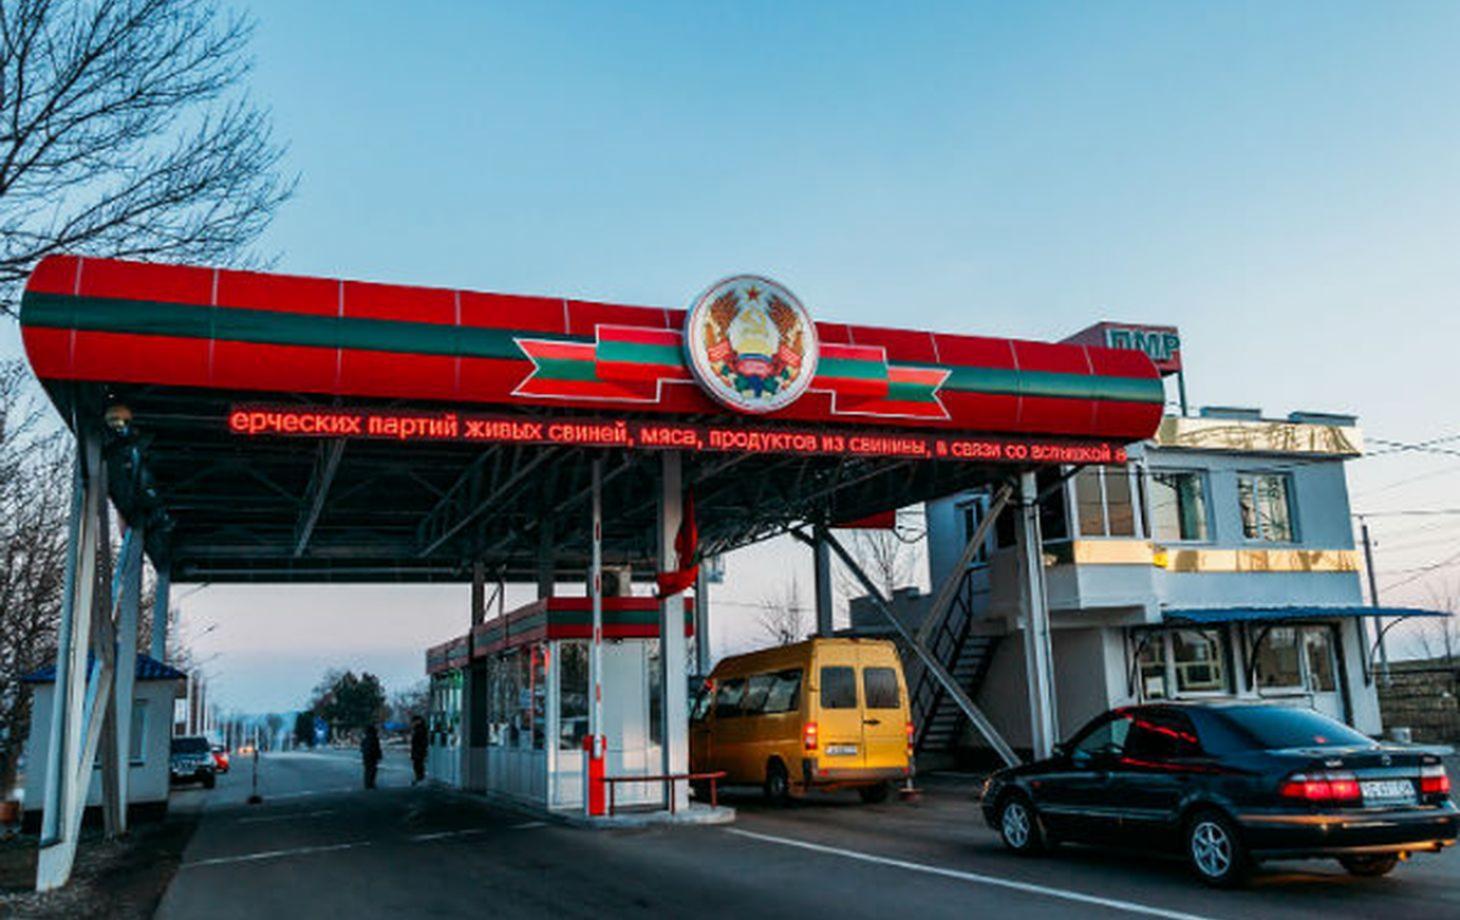 Жители непризнанной Республики Приднестровье, смогут обойти запрет на въезд в Украину, если у них не российское, а молдовское или украинское гражданство